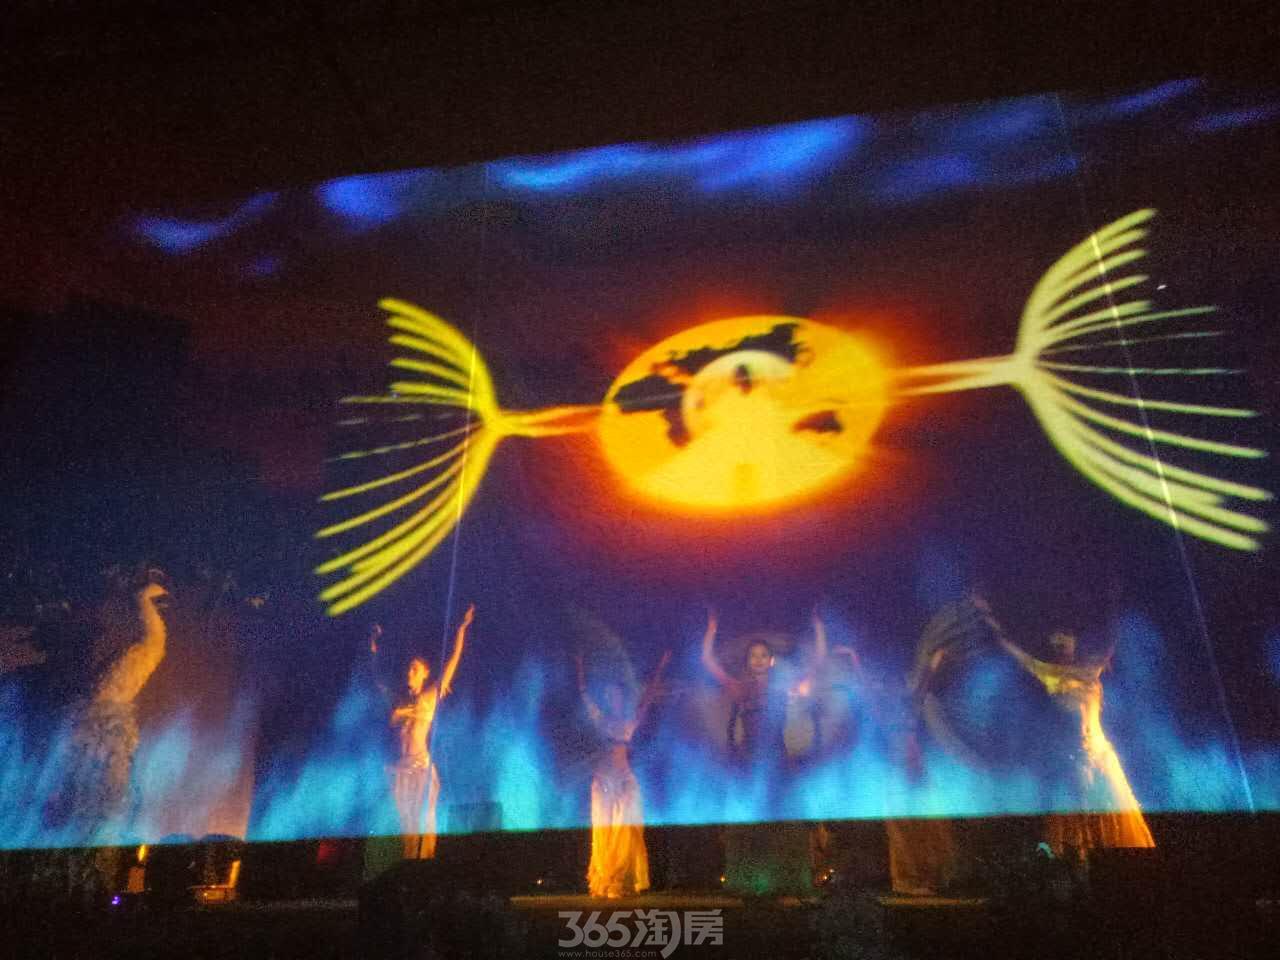 全息舞蹈《光耀未来》